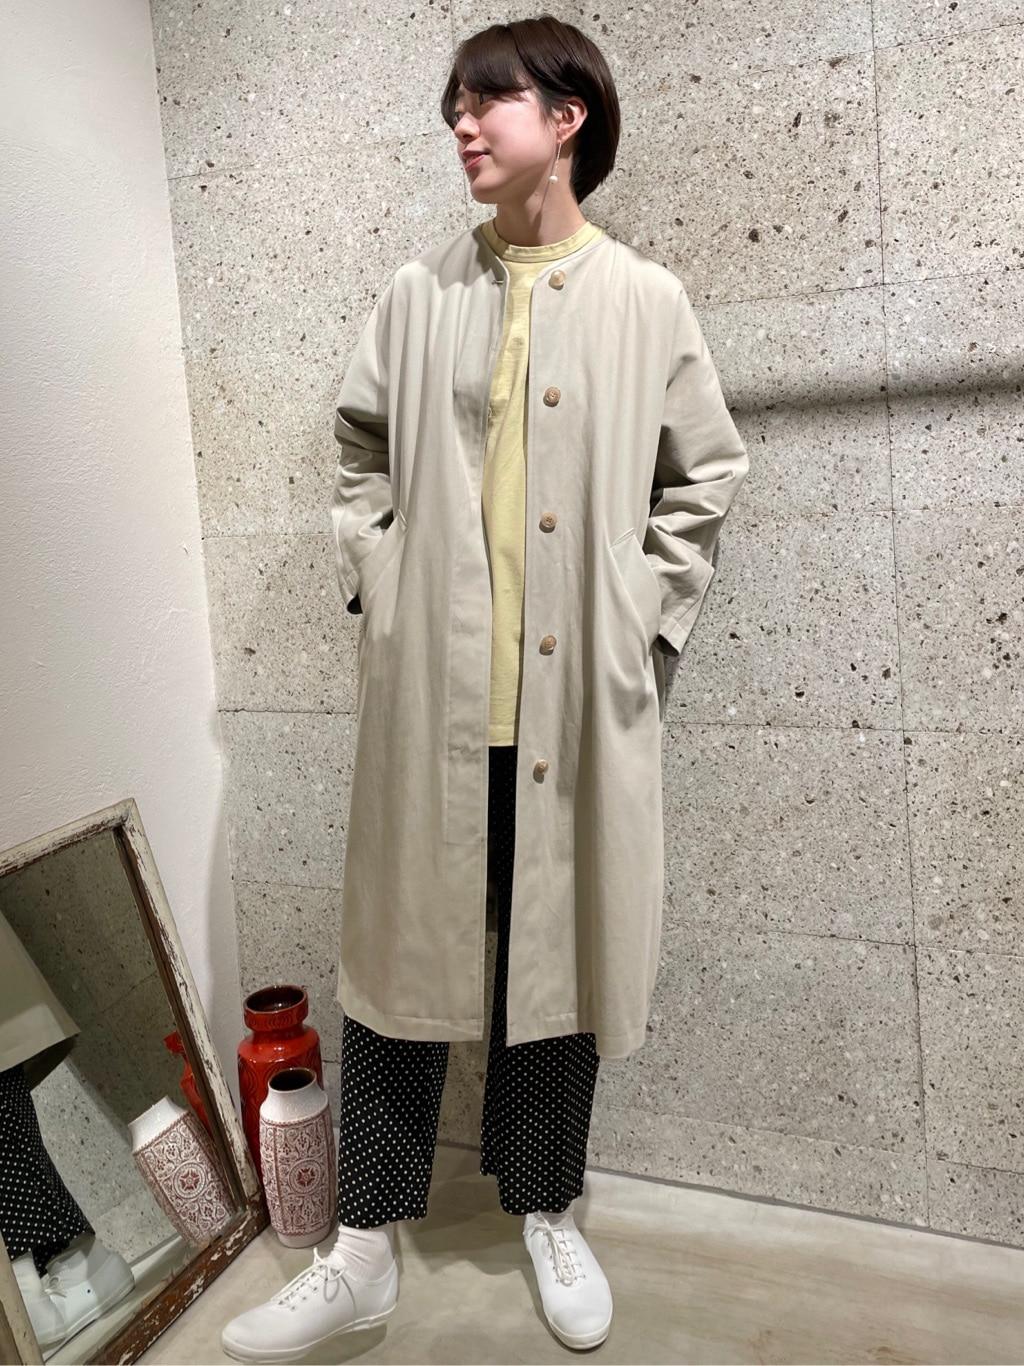 yuni ニュウマン横浜 身長:166cm 2021.03.11